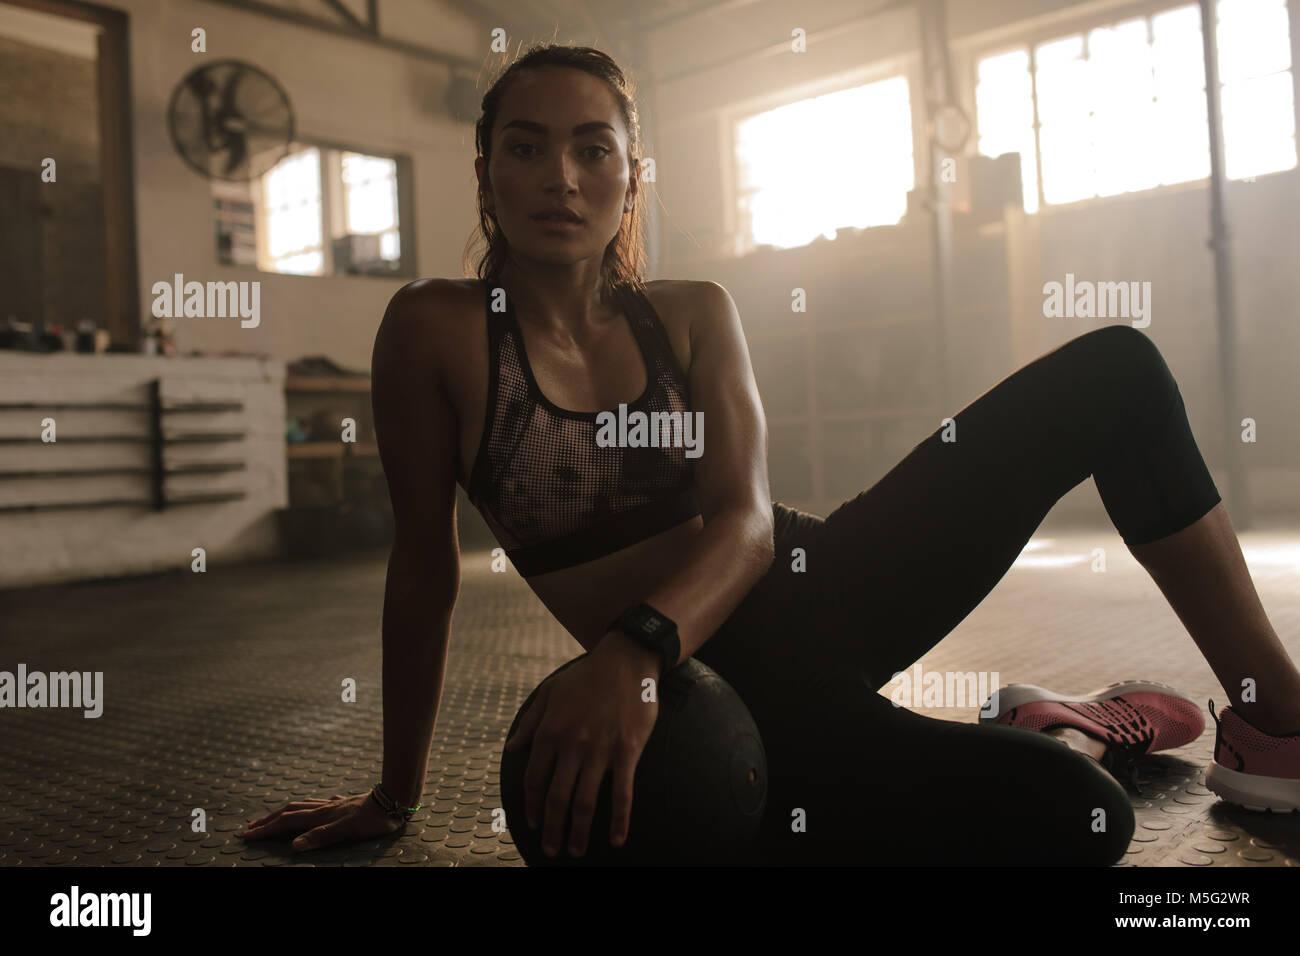 Jeune femme assise sur le plancher du gymnase avec ballon d'après séance d'exercice. Les femmes Photo Stock